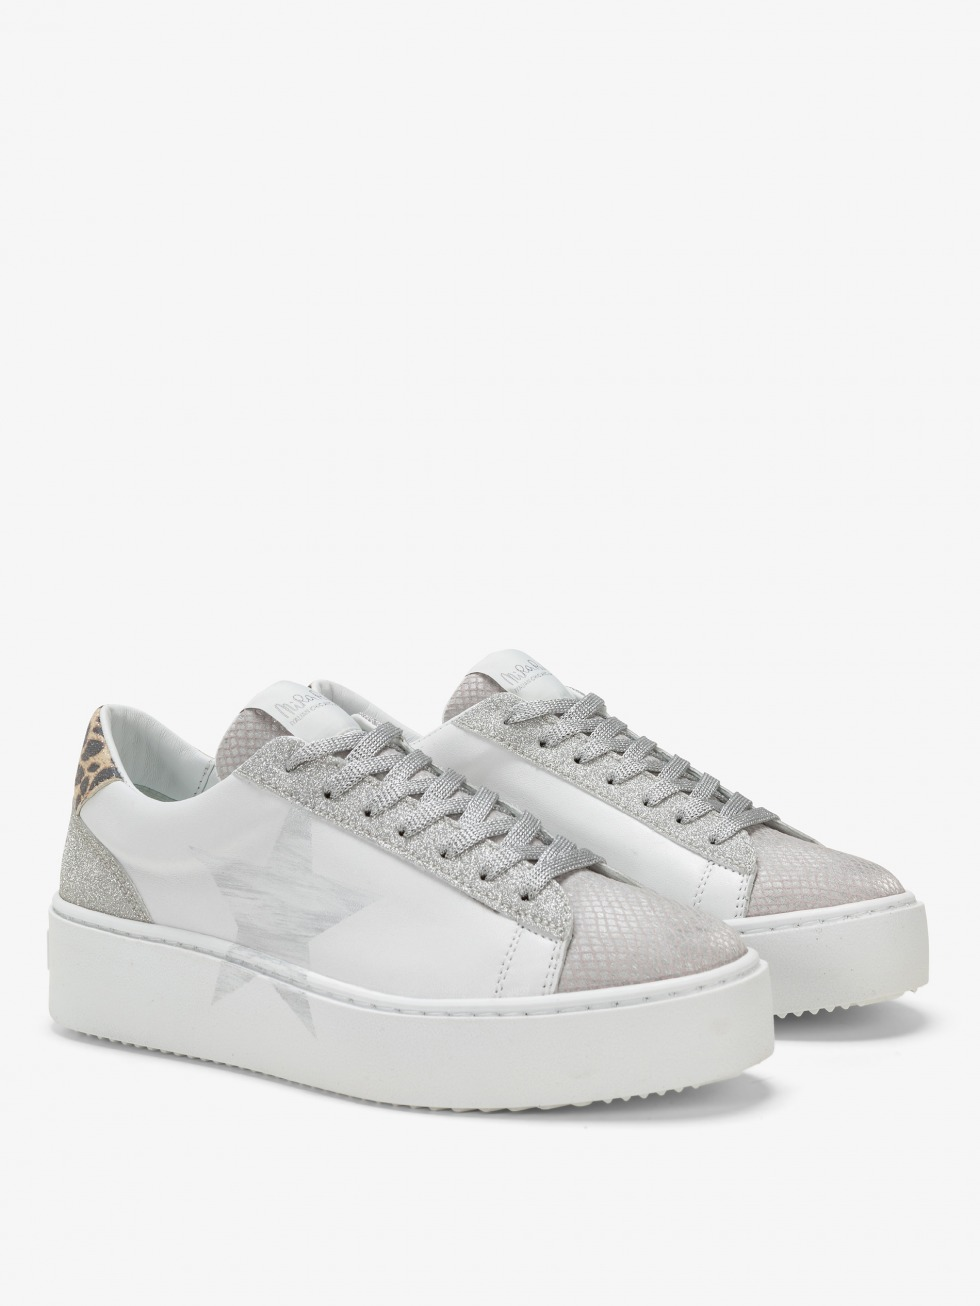 Cosmopolitan Sneakers Safari Shine - Star